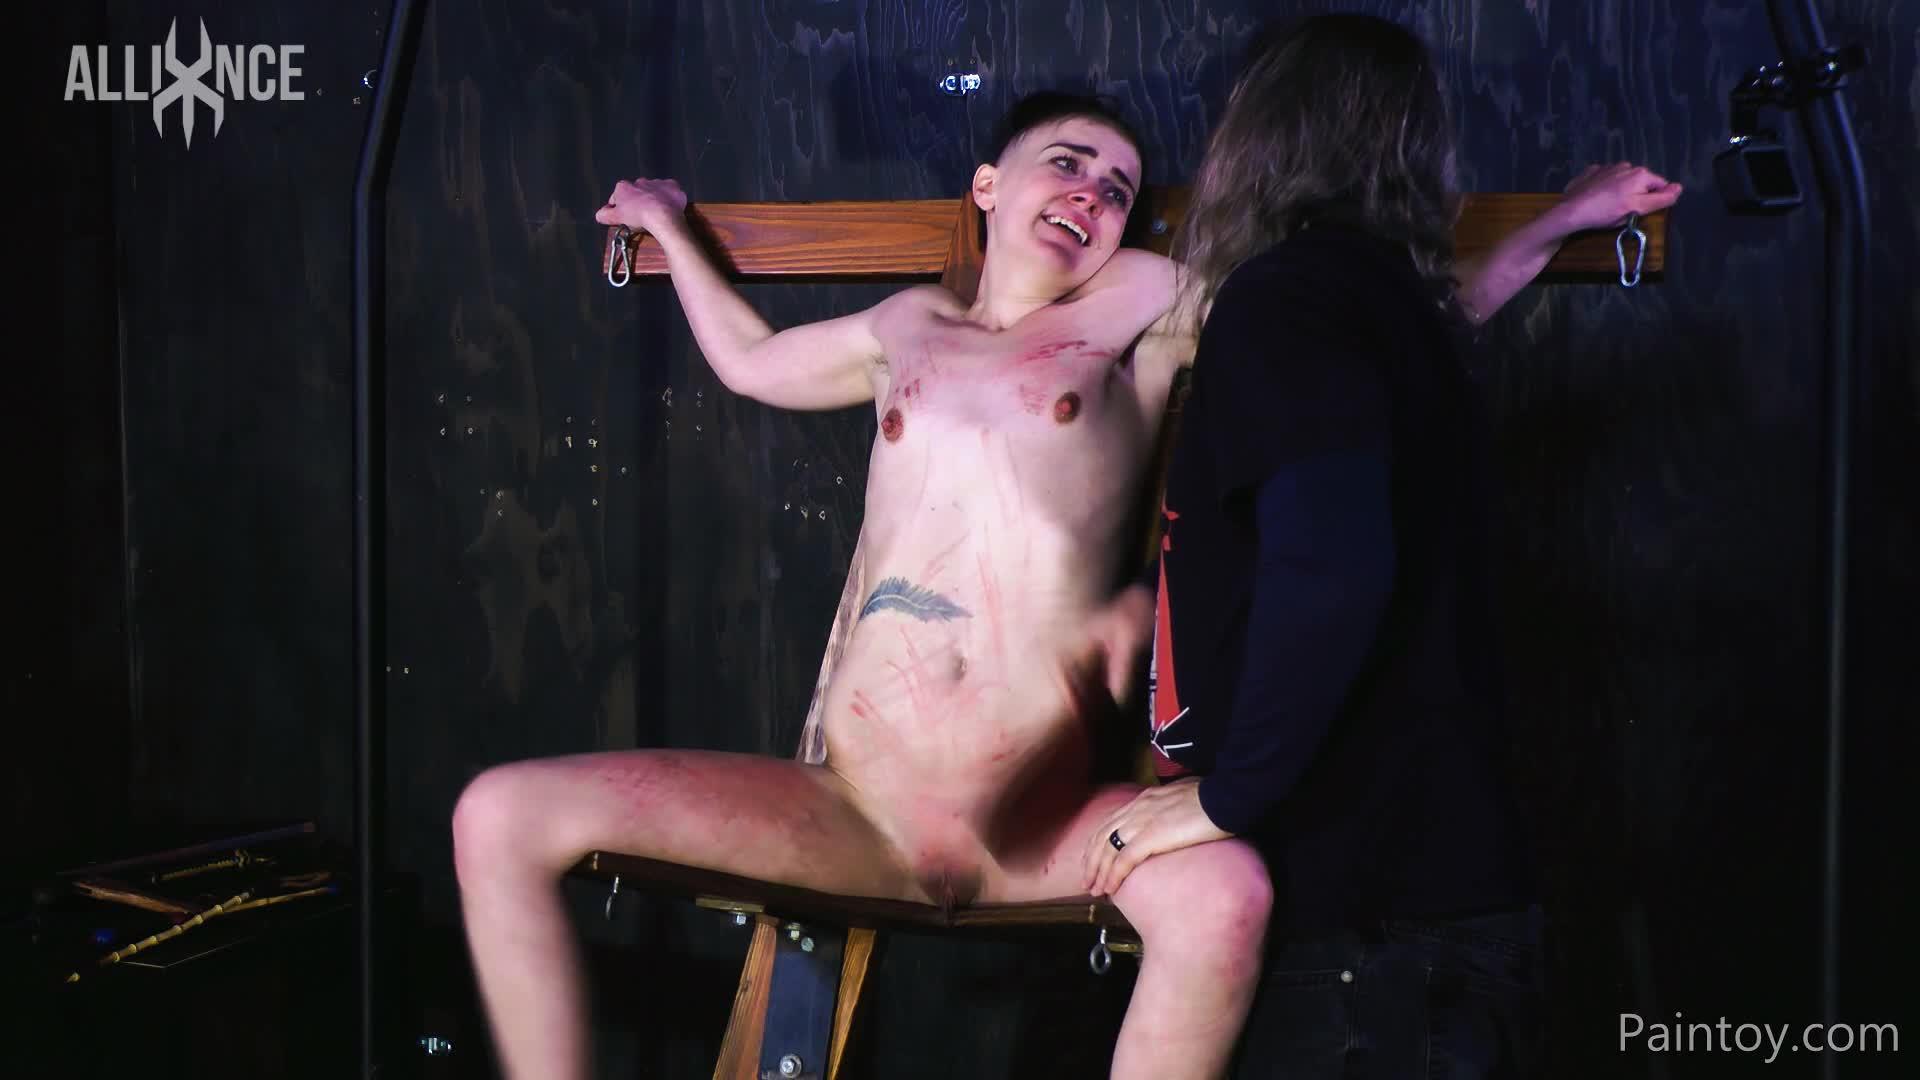 Licking russian mom ass porn